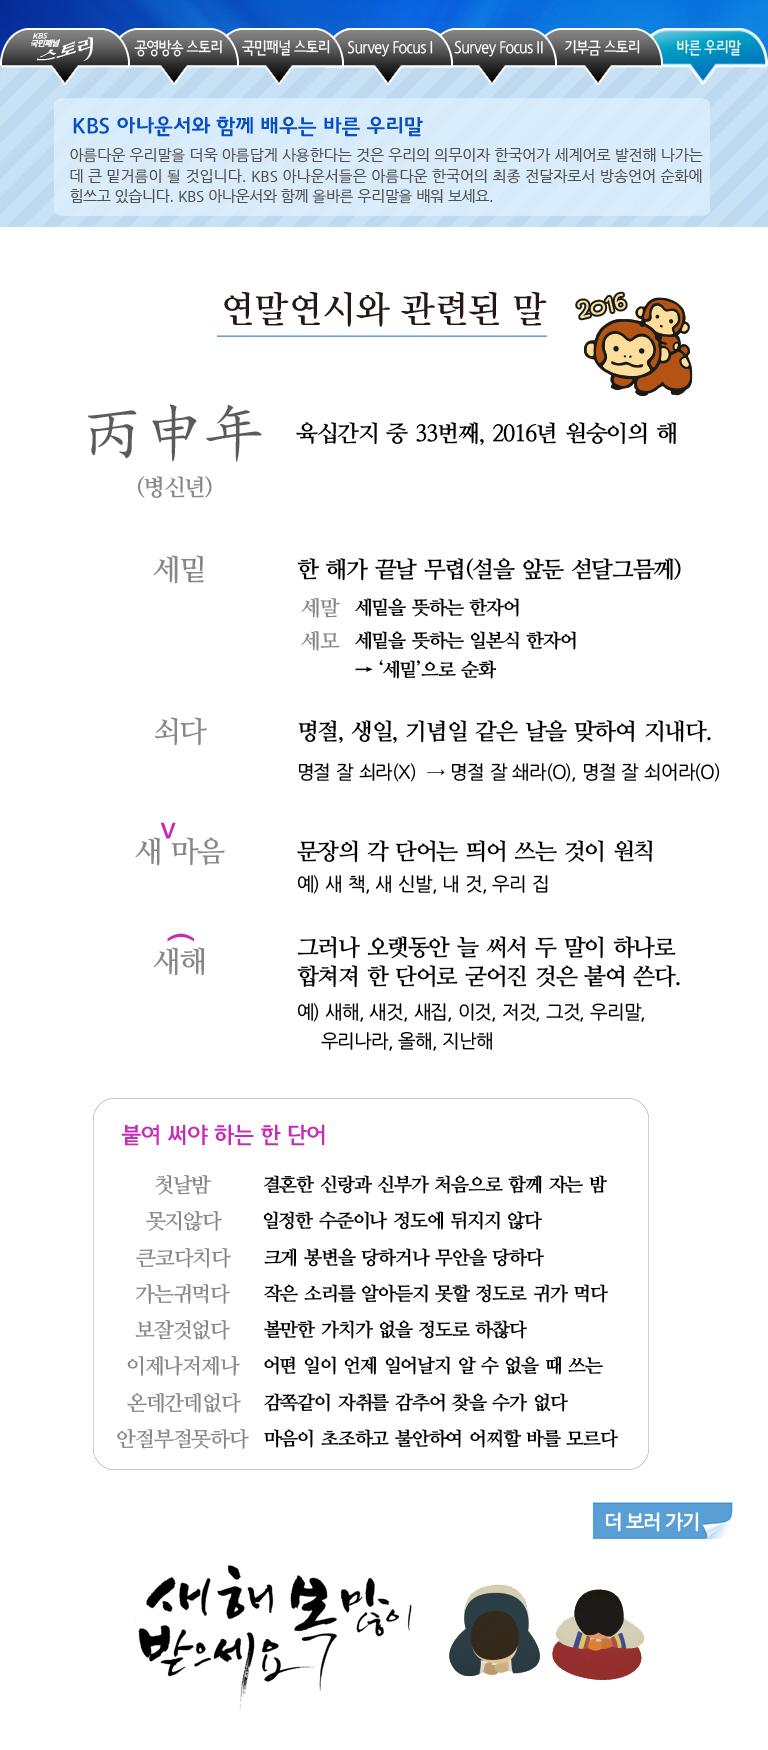 국민패널 - 바른 우리말